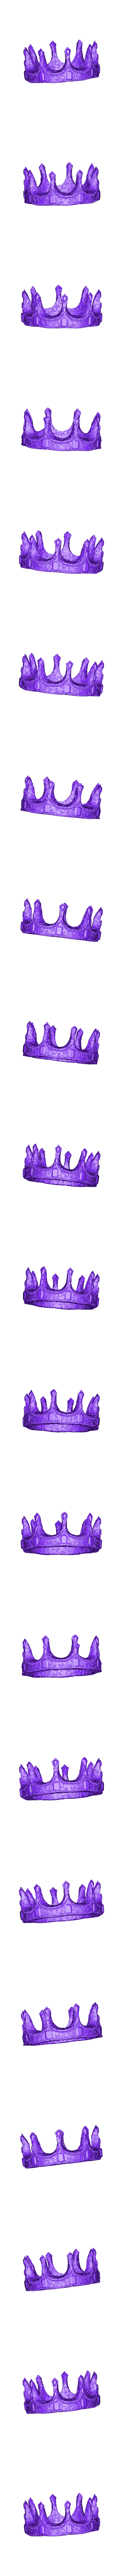 Crown (repaired).stl Télécharger fichier STL gratuit Chasseur noir • Design imprimable en 3D, al3x